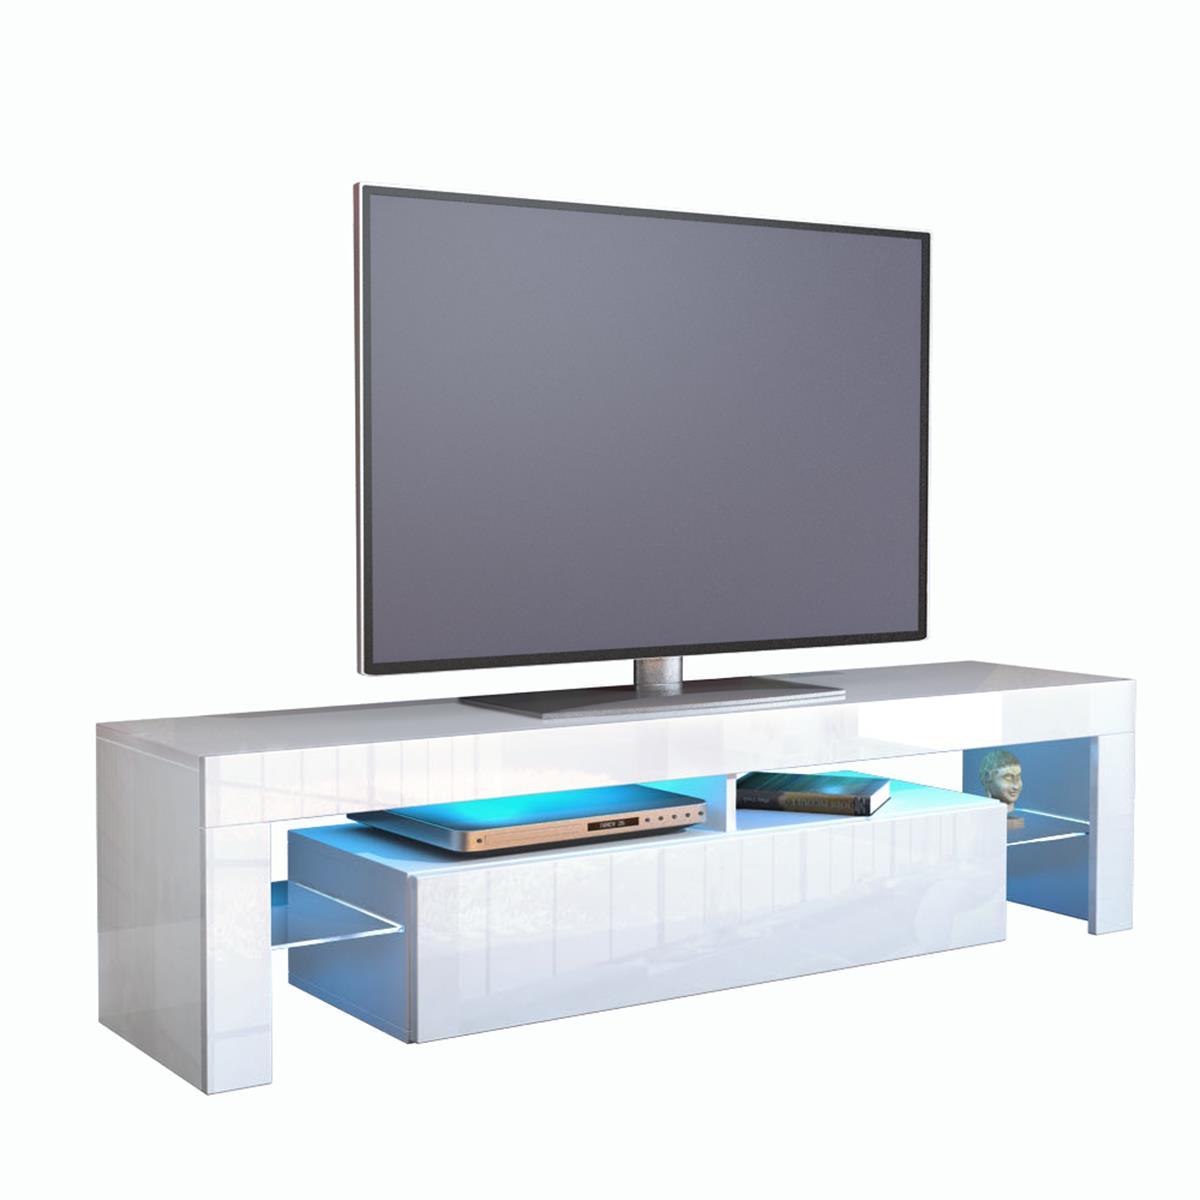 Tv board  Valencia Lowboard: 2 Klappen und Gerätefach für HiFiZubehör